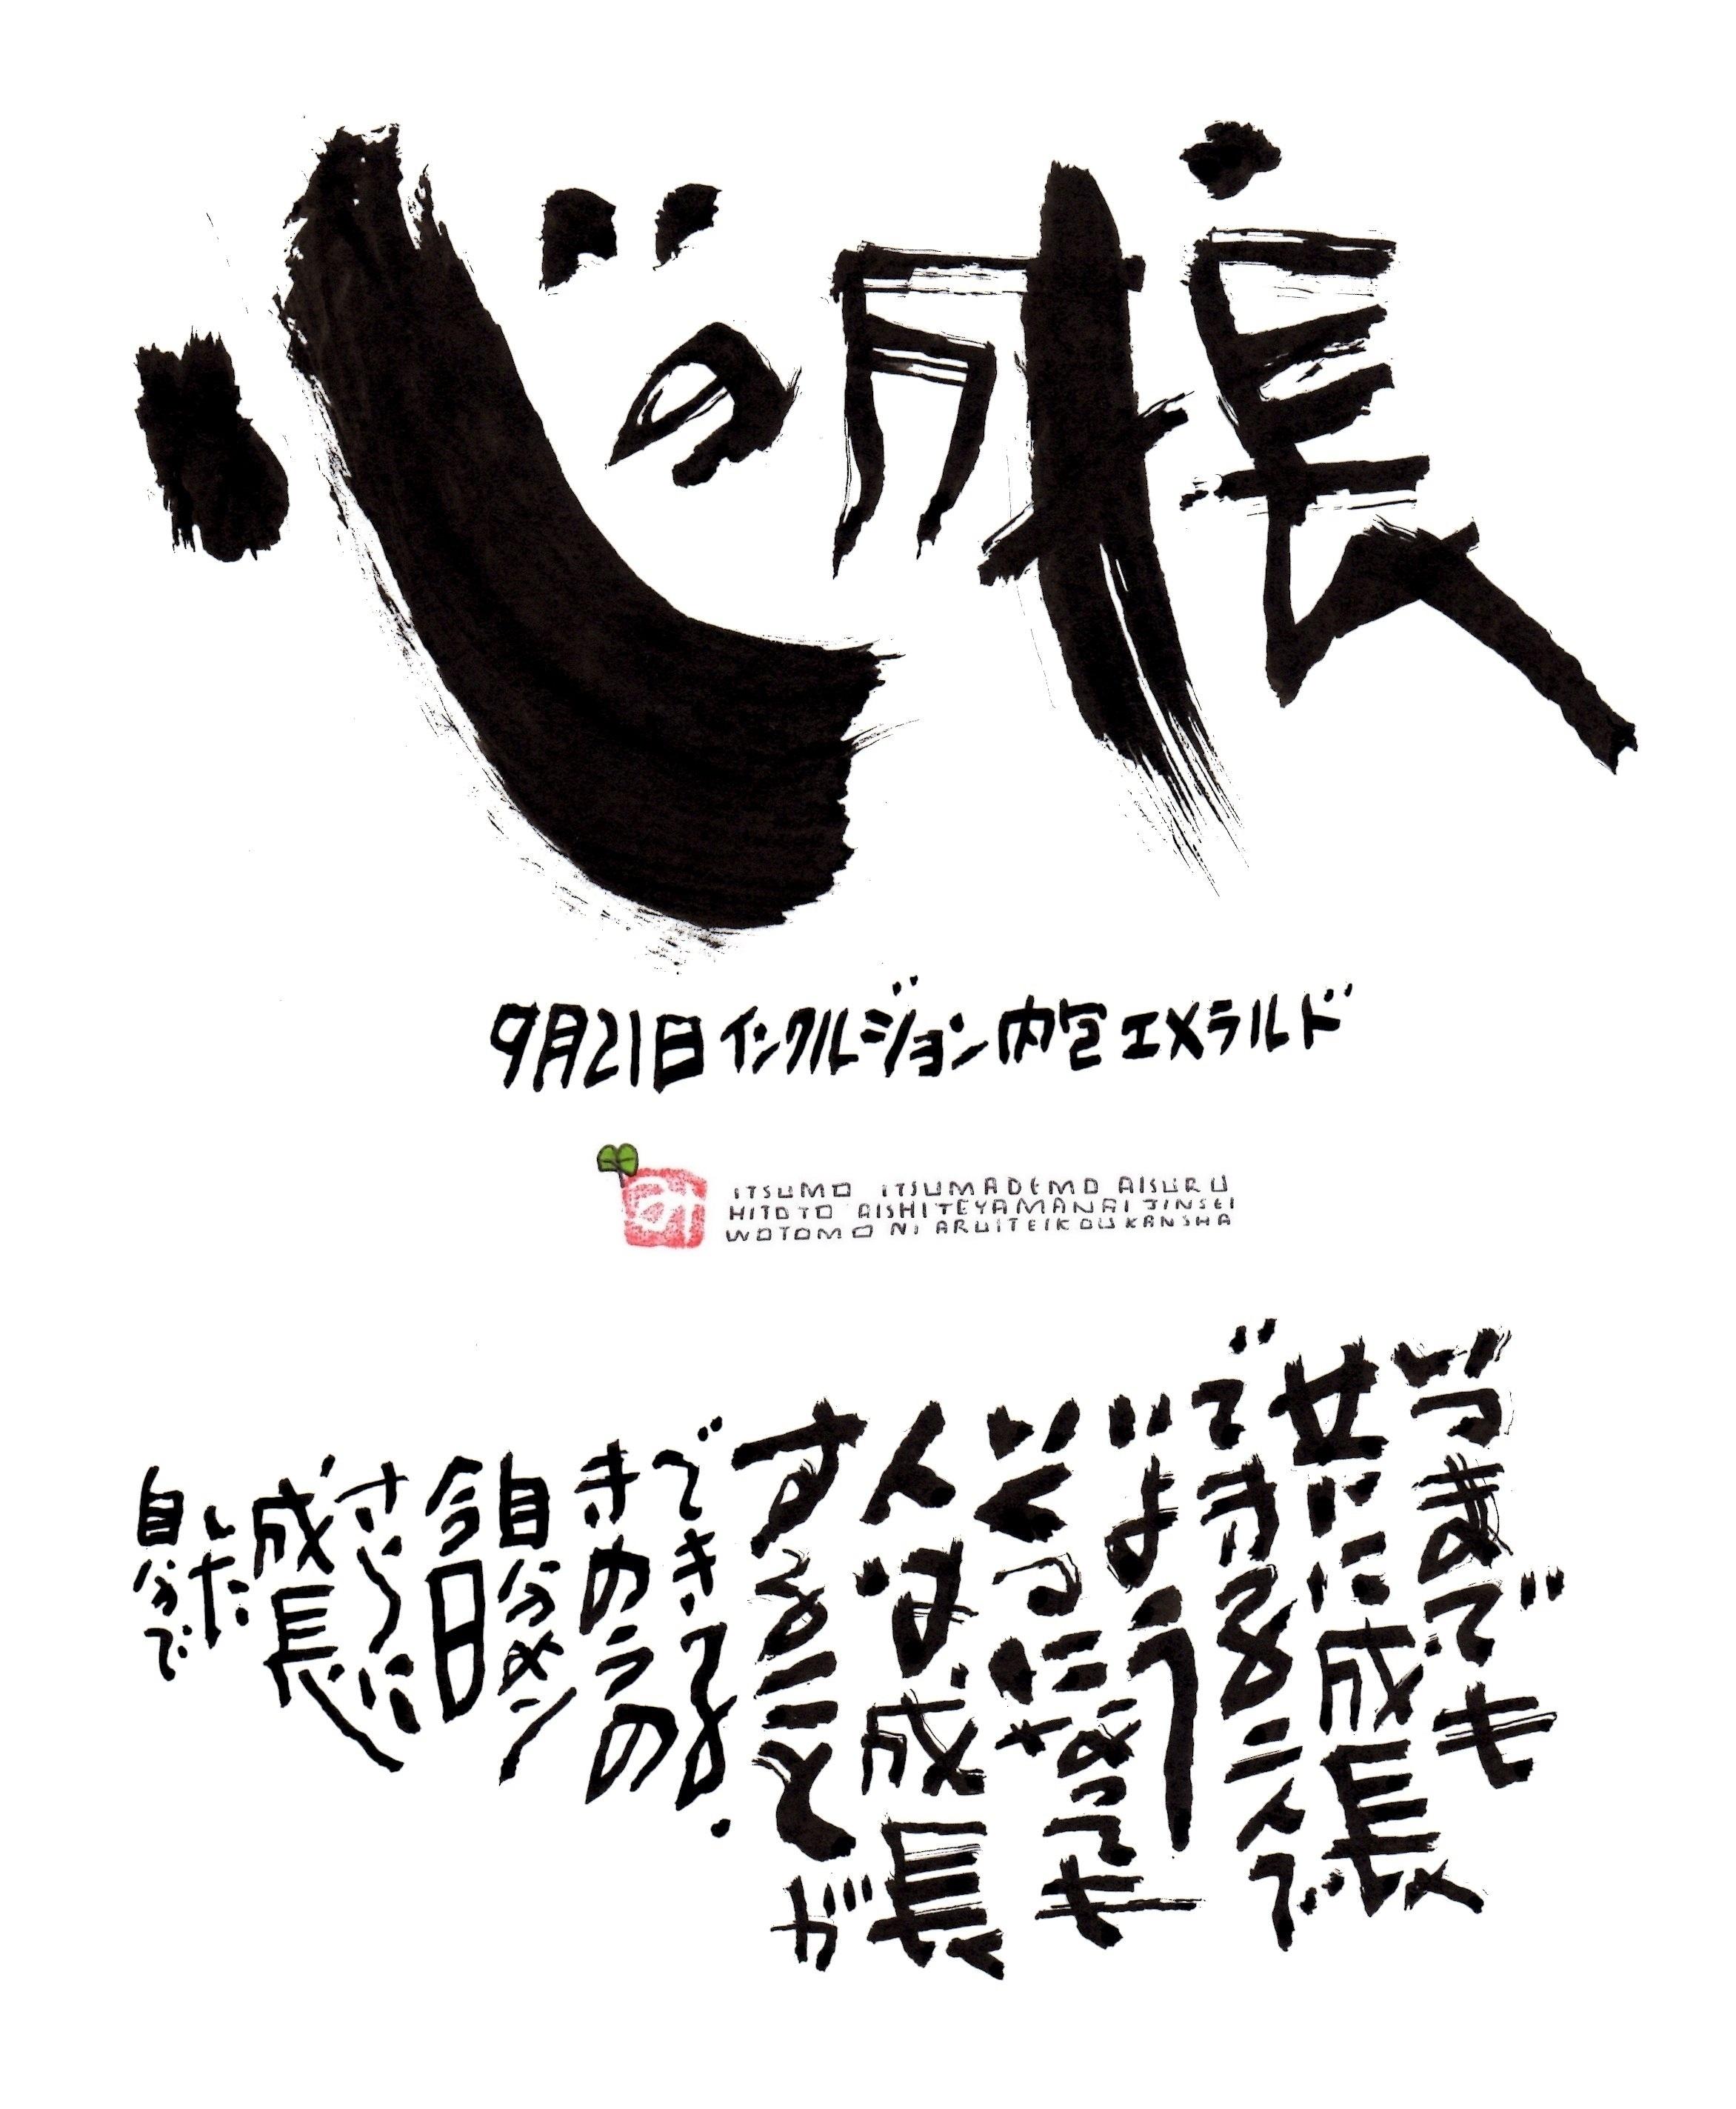 9月21日 結婚記念日ポストカード【心の成長】